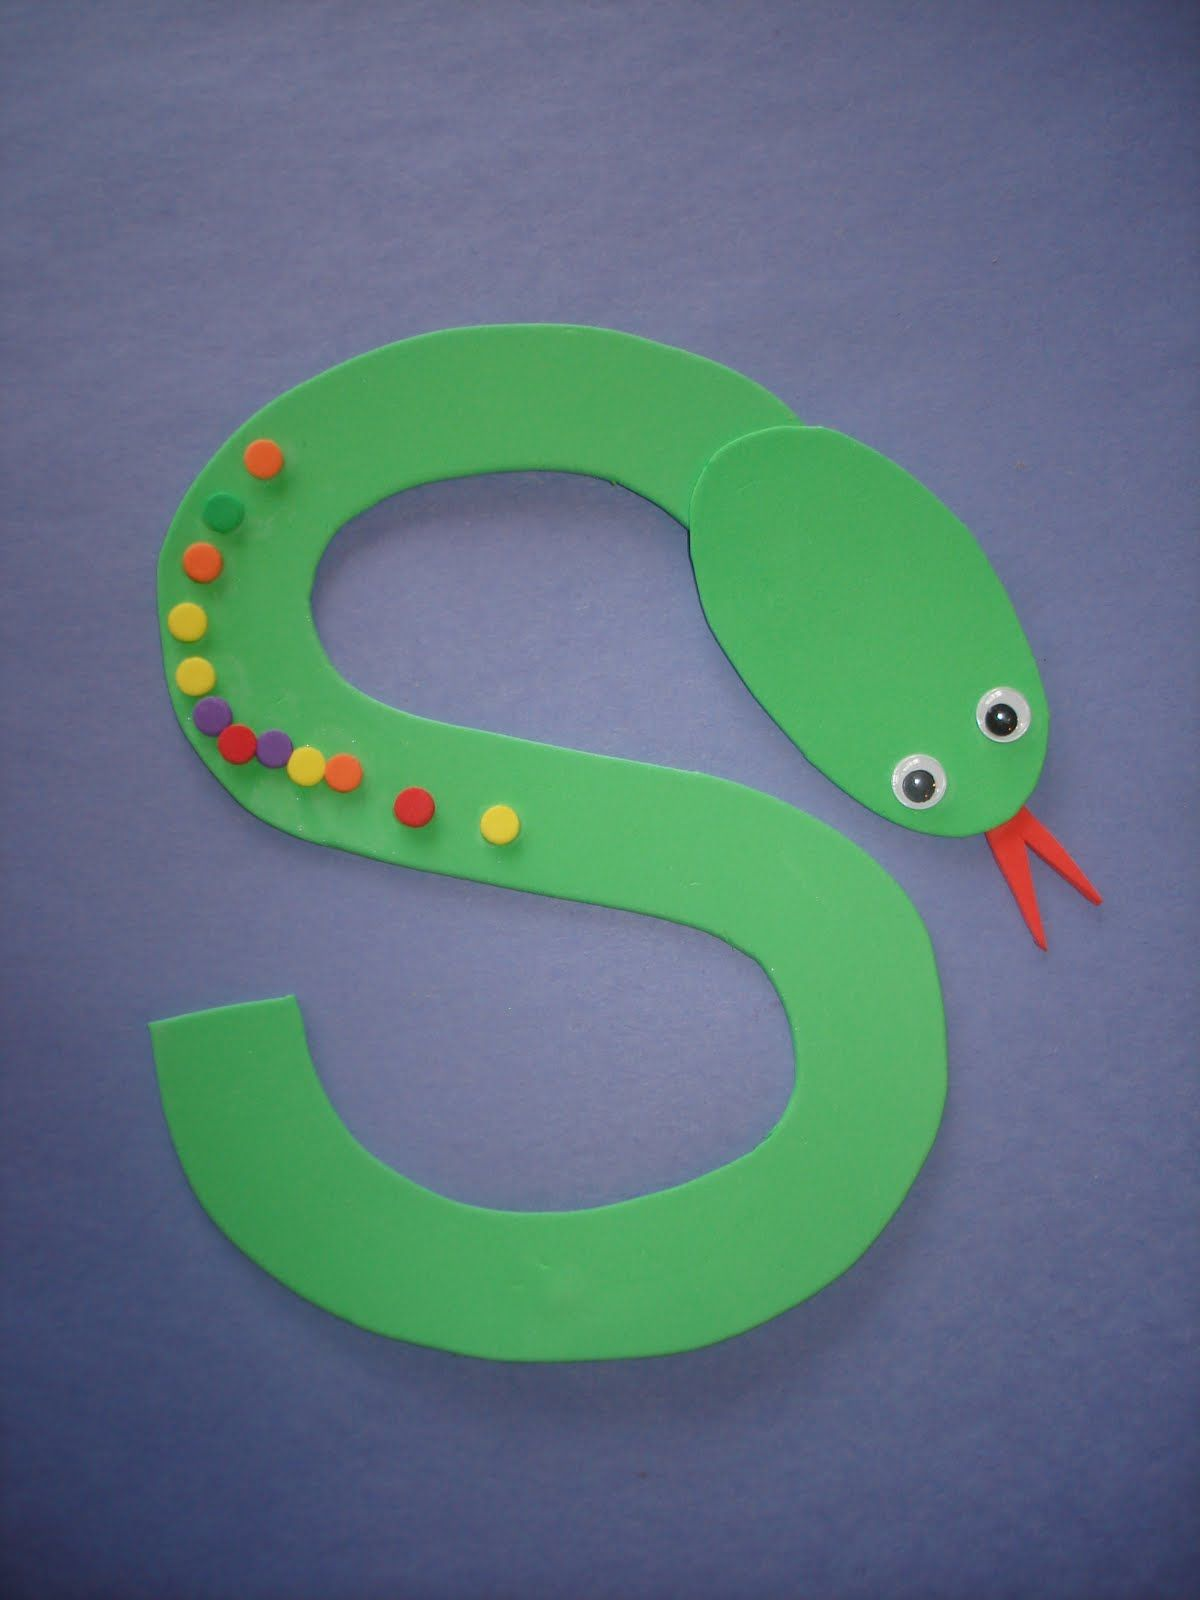 Letter S Snake E Fruit Loops Or Colored Dot